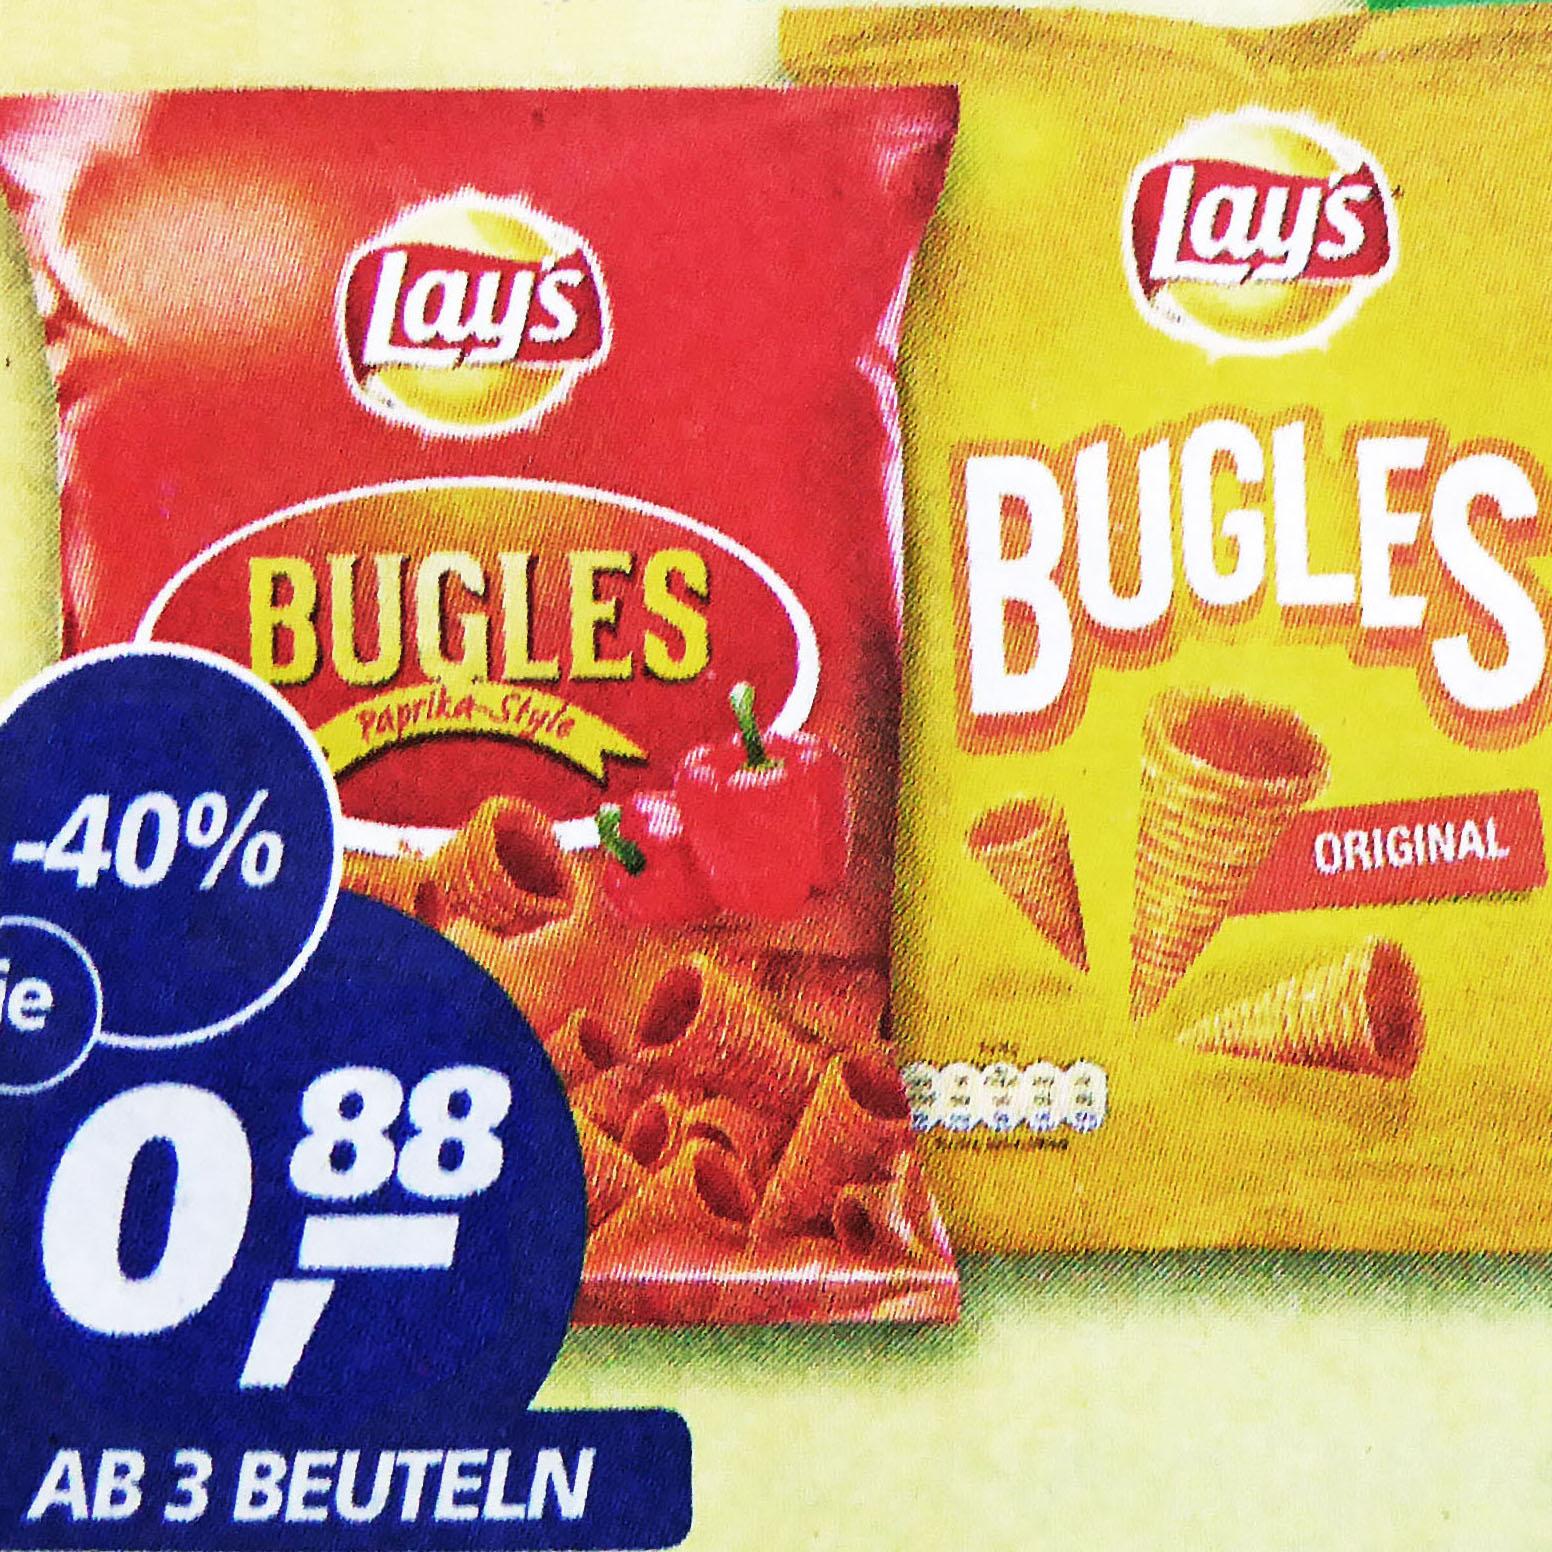 (Real) Lay's Bugles Mais-Snacks statt für 1,49€ für nur 88 Cent